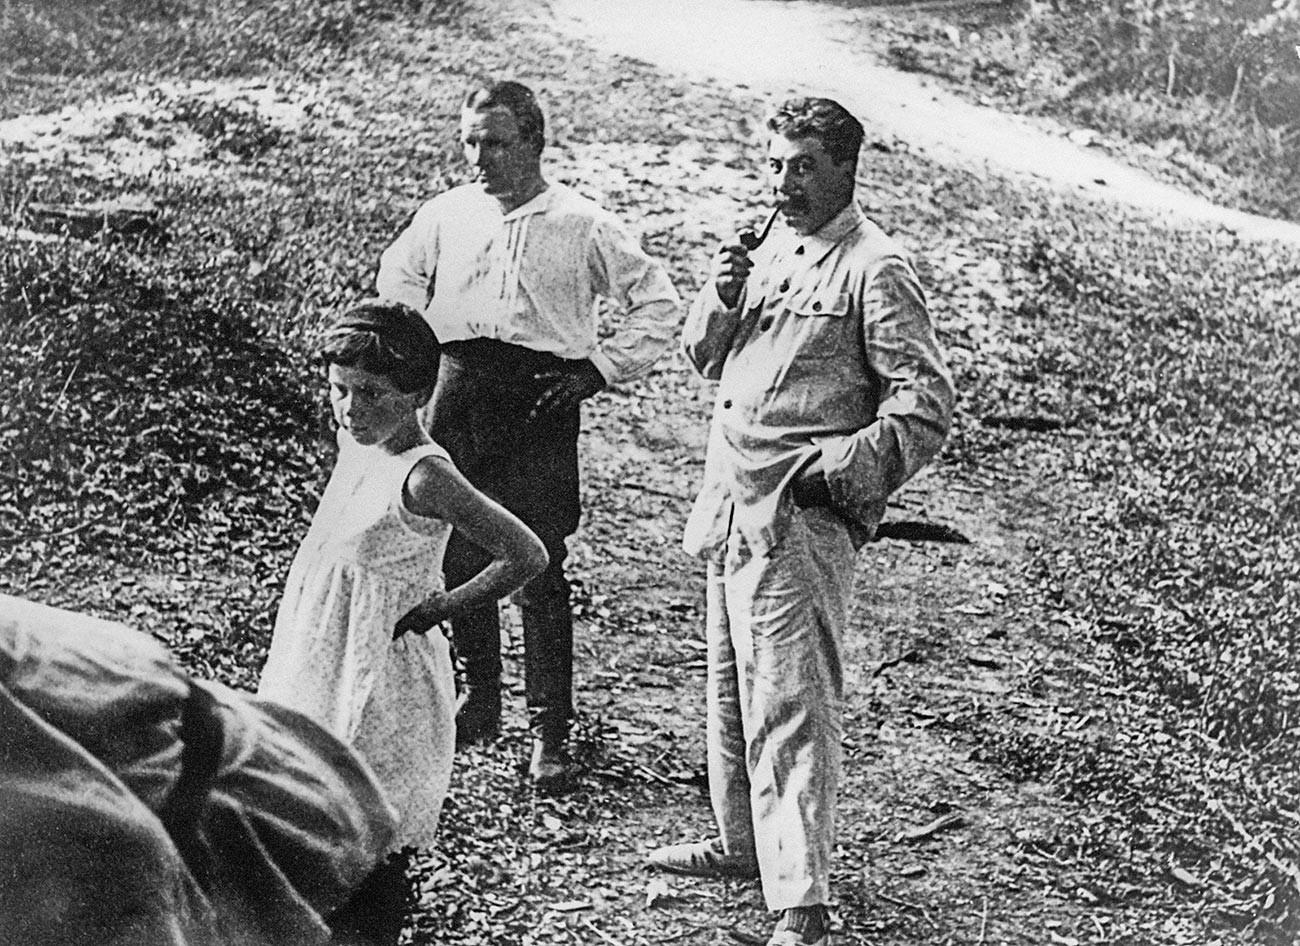 Joseph Staline, l'homme politique soviétique Sergueï Kirov et la fille de Staline Svetlana Allilouïeva. Années 1930. Photo des archives personnelles d'E. Kovalenko.